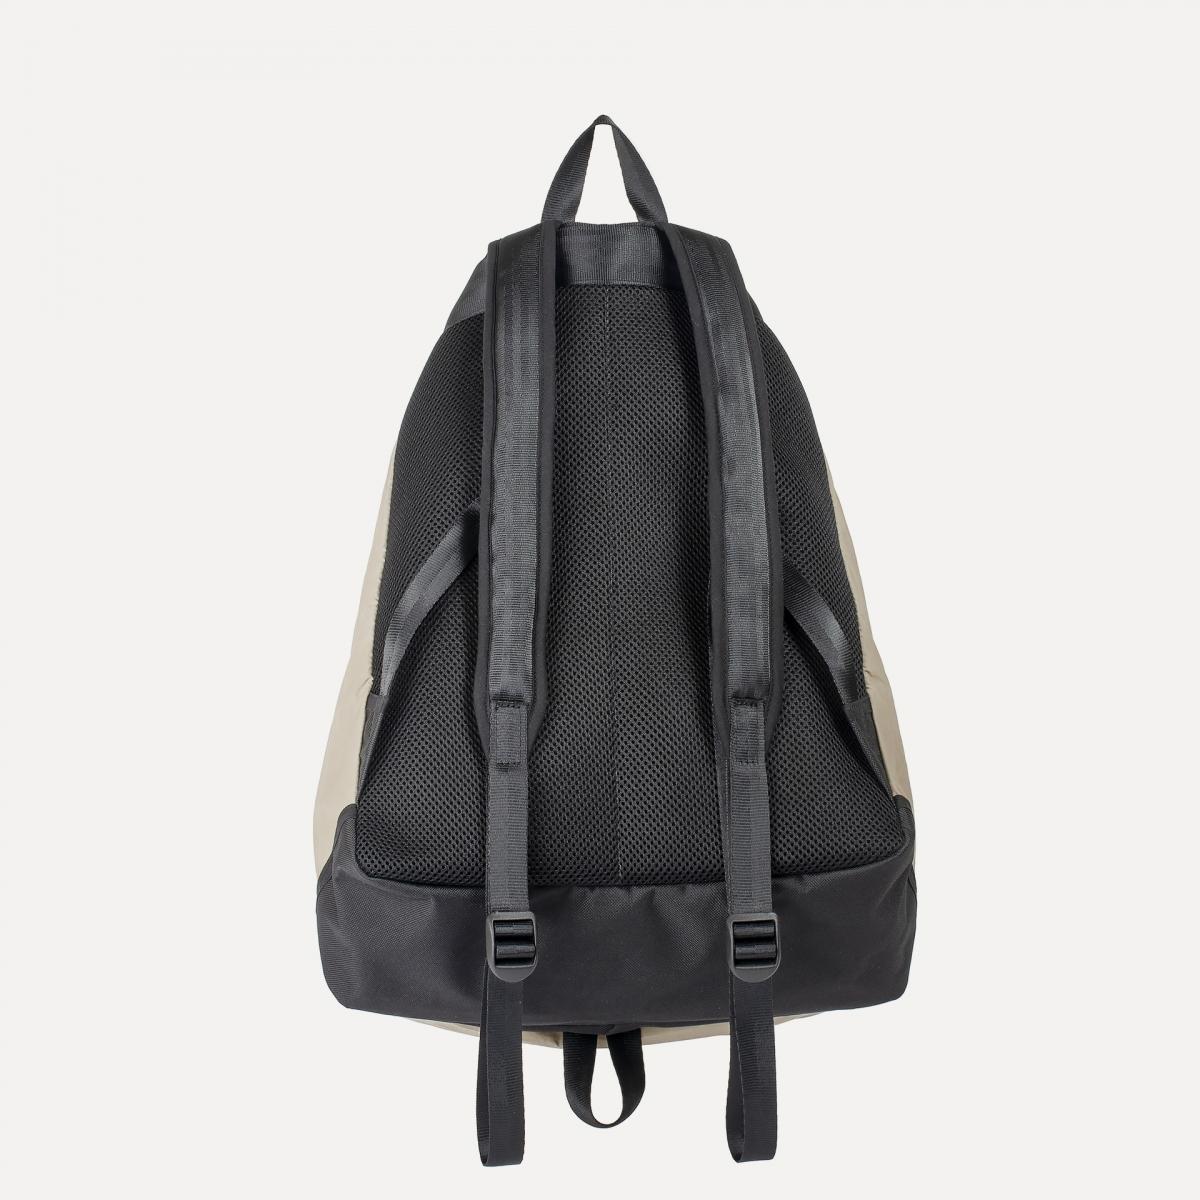 23L Bayou Backpack - Beige (image n°3)